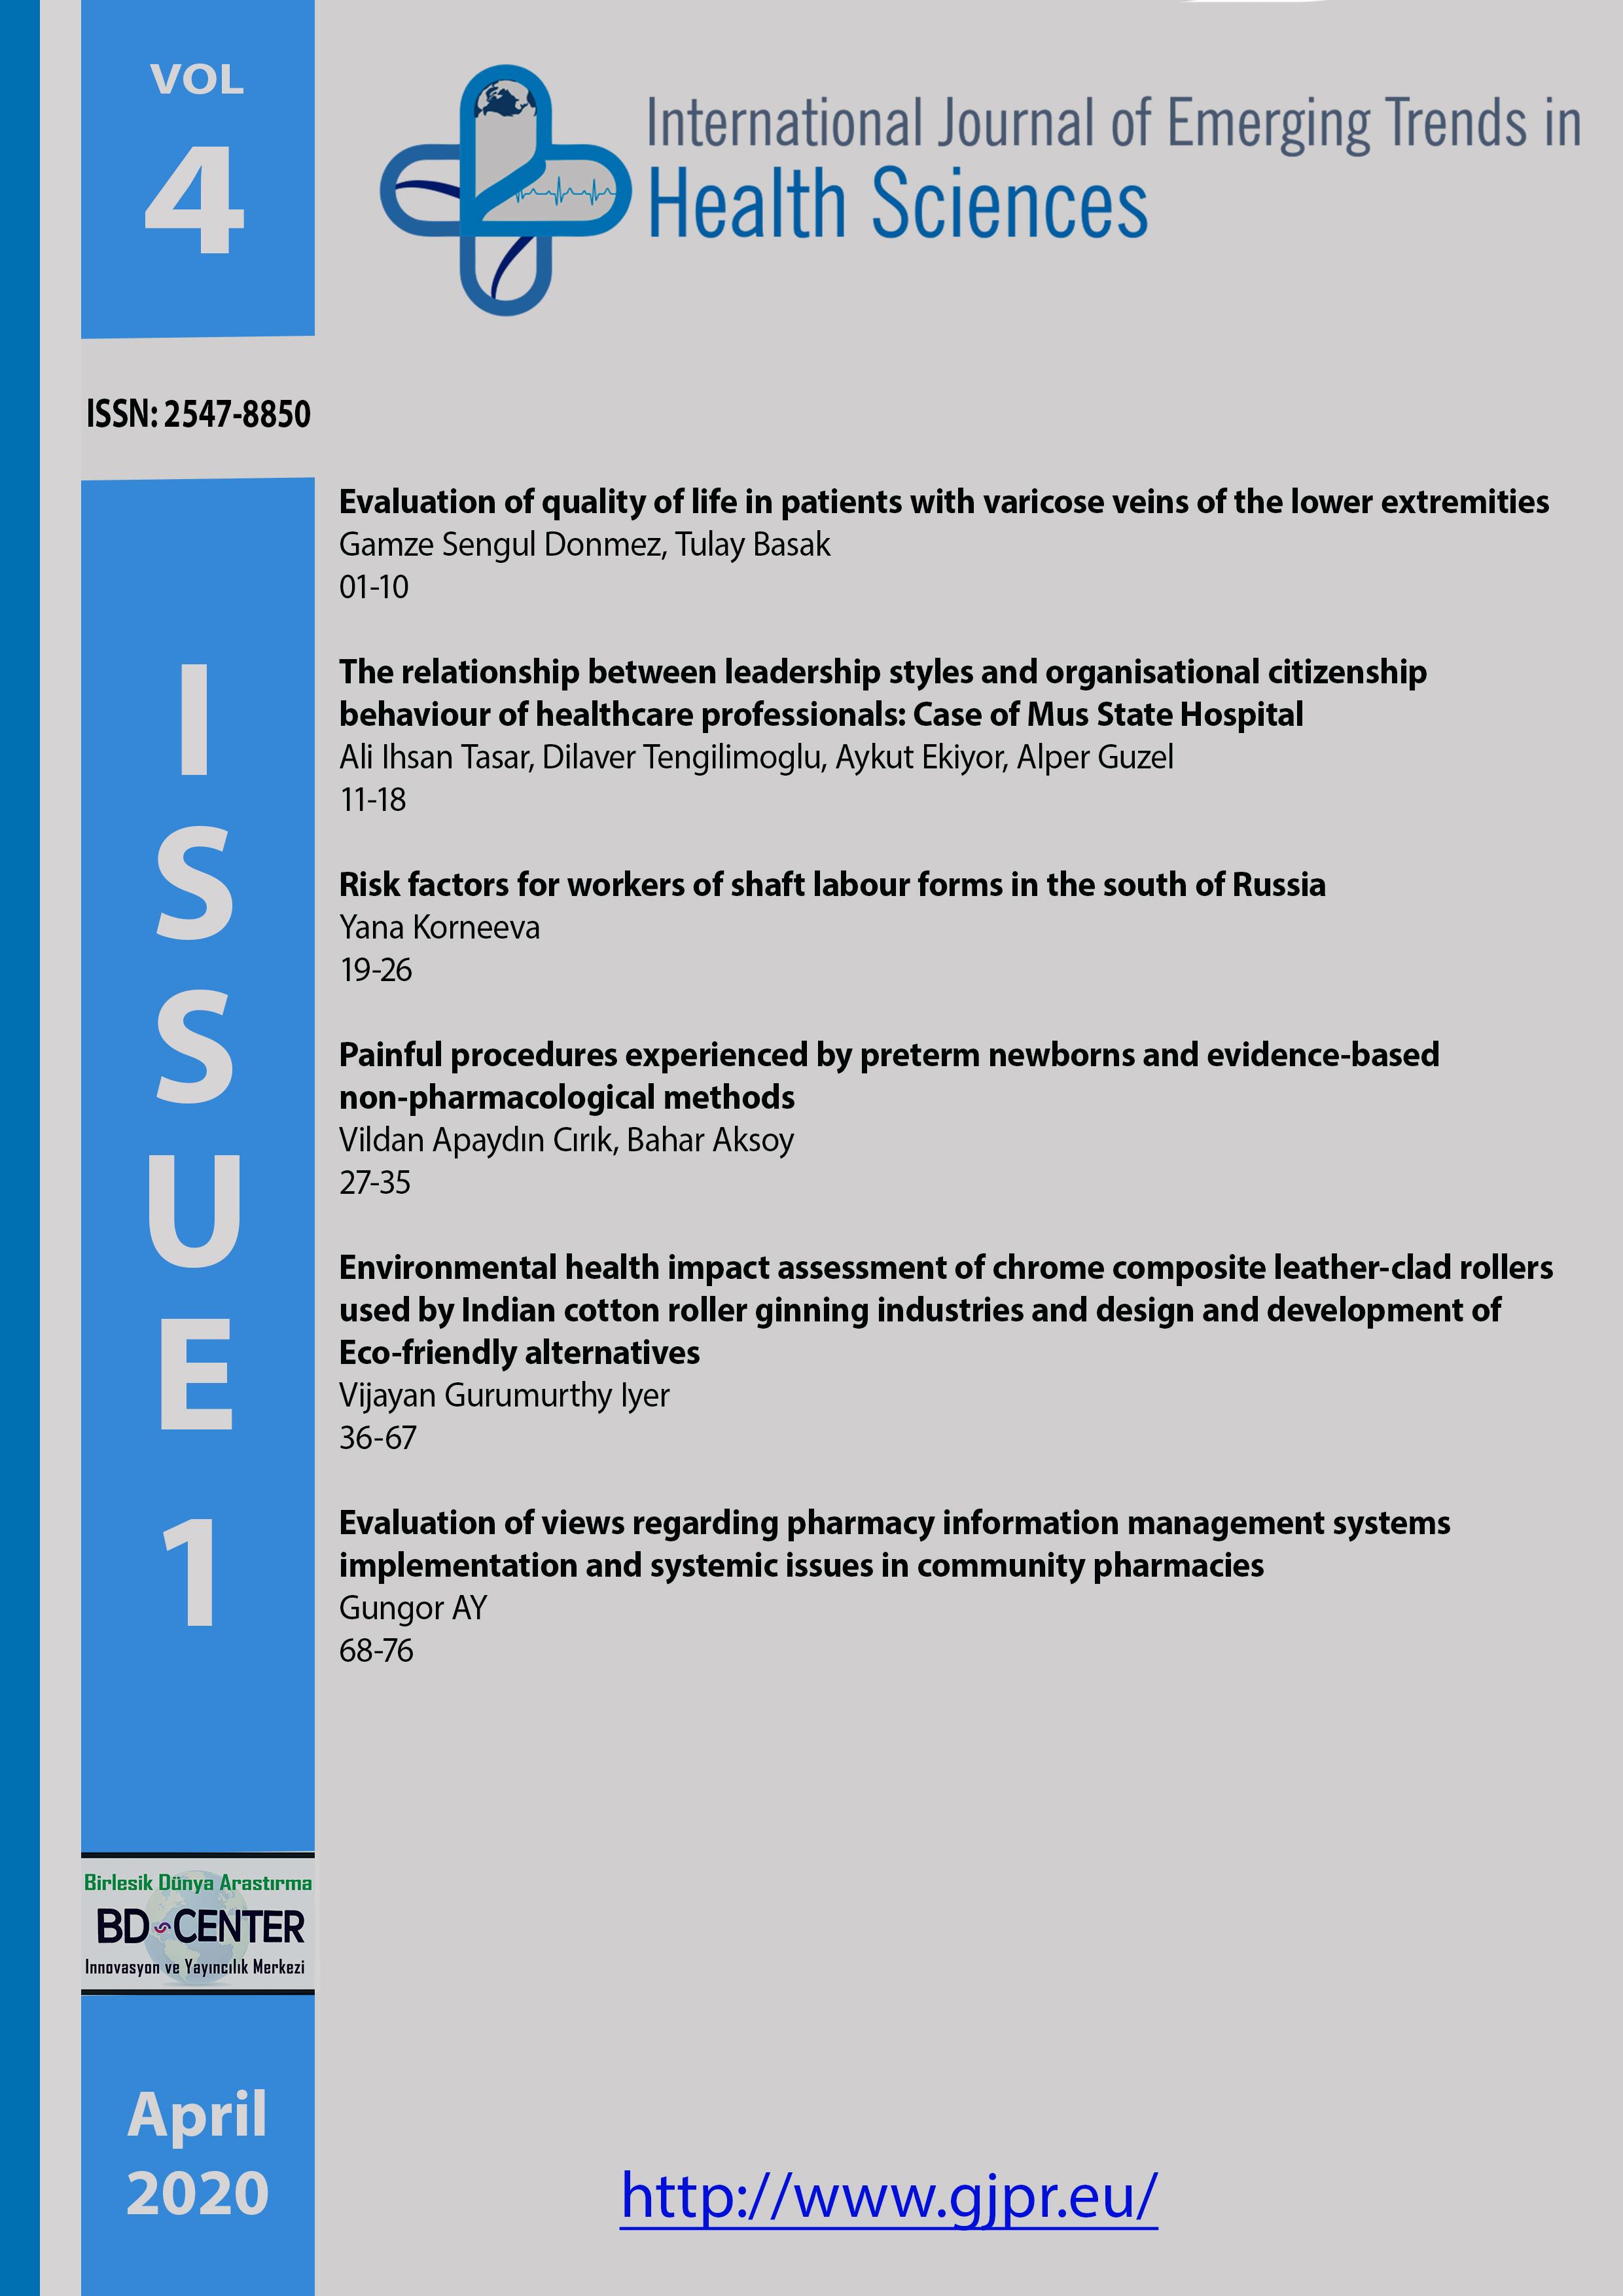 International Journal of Emerging Trends in Health Sciences-Asos İndeks